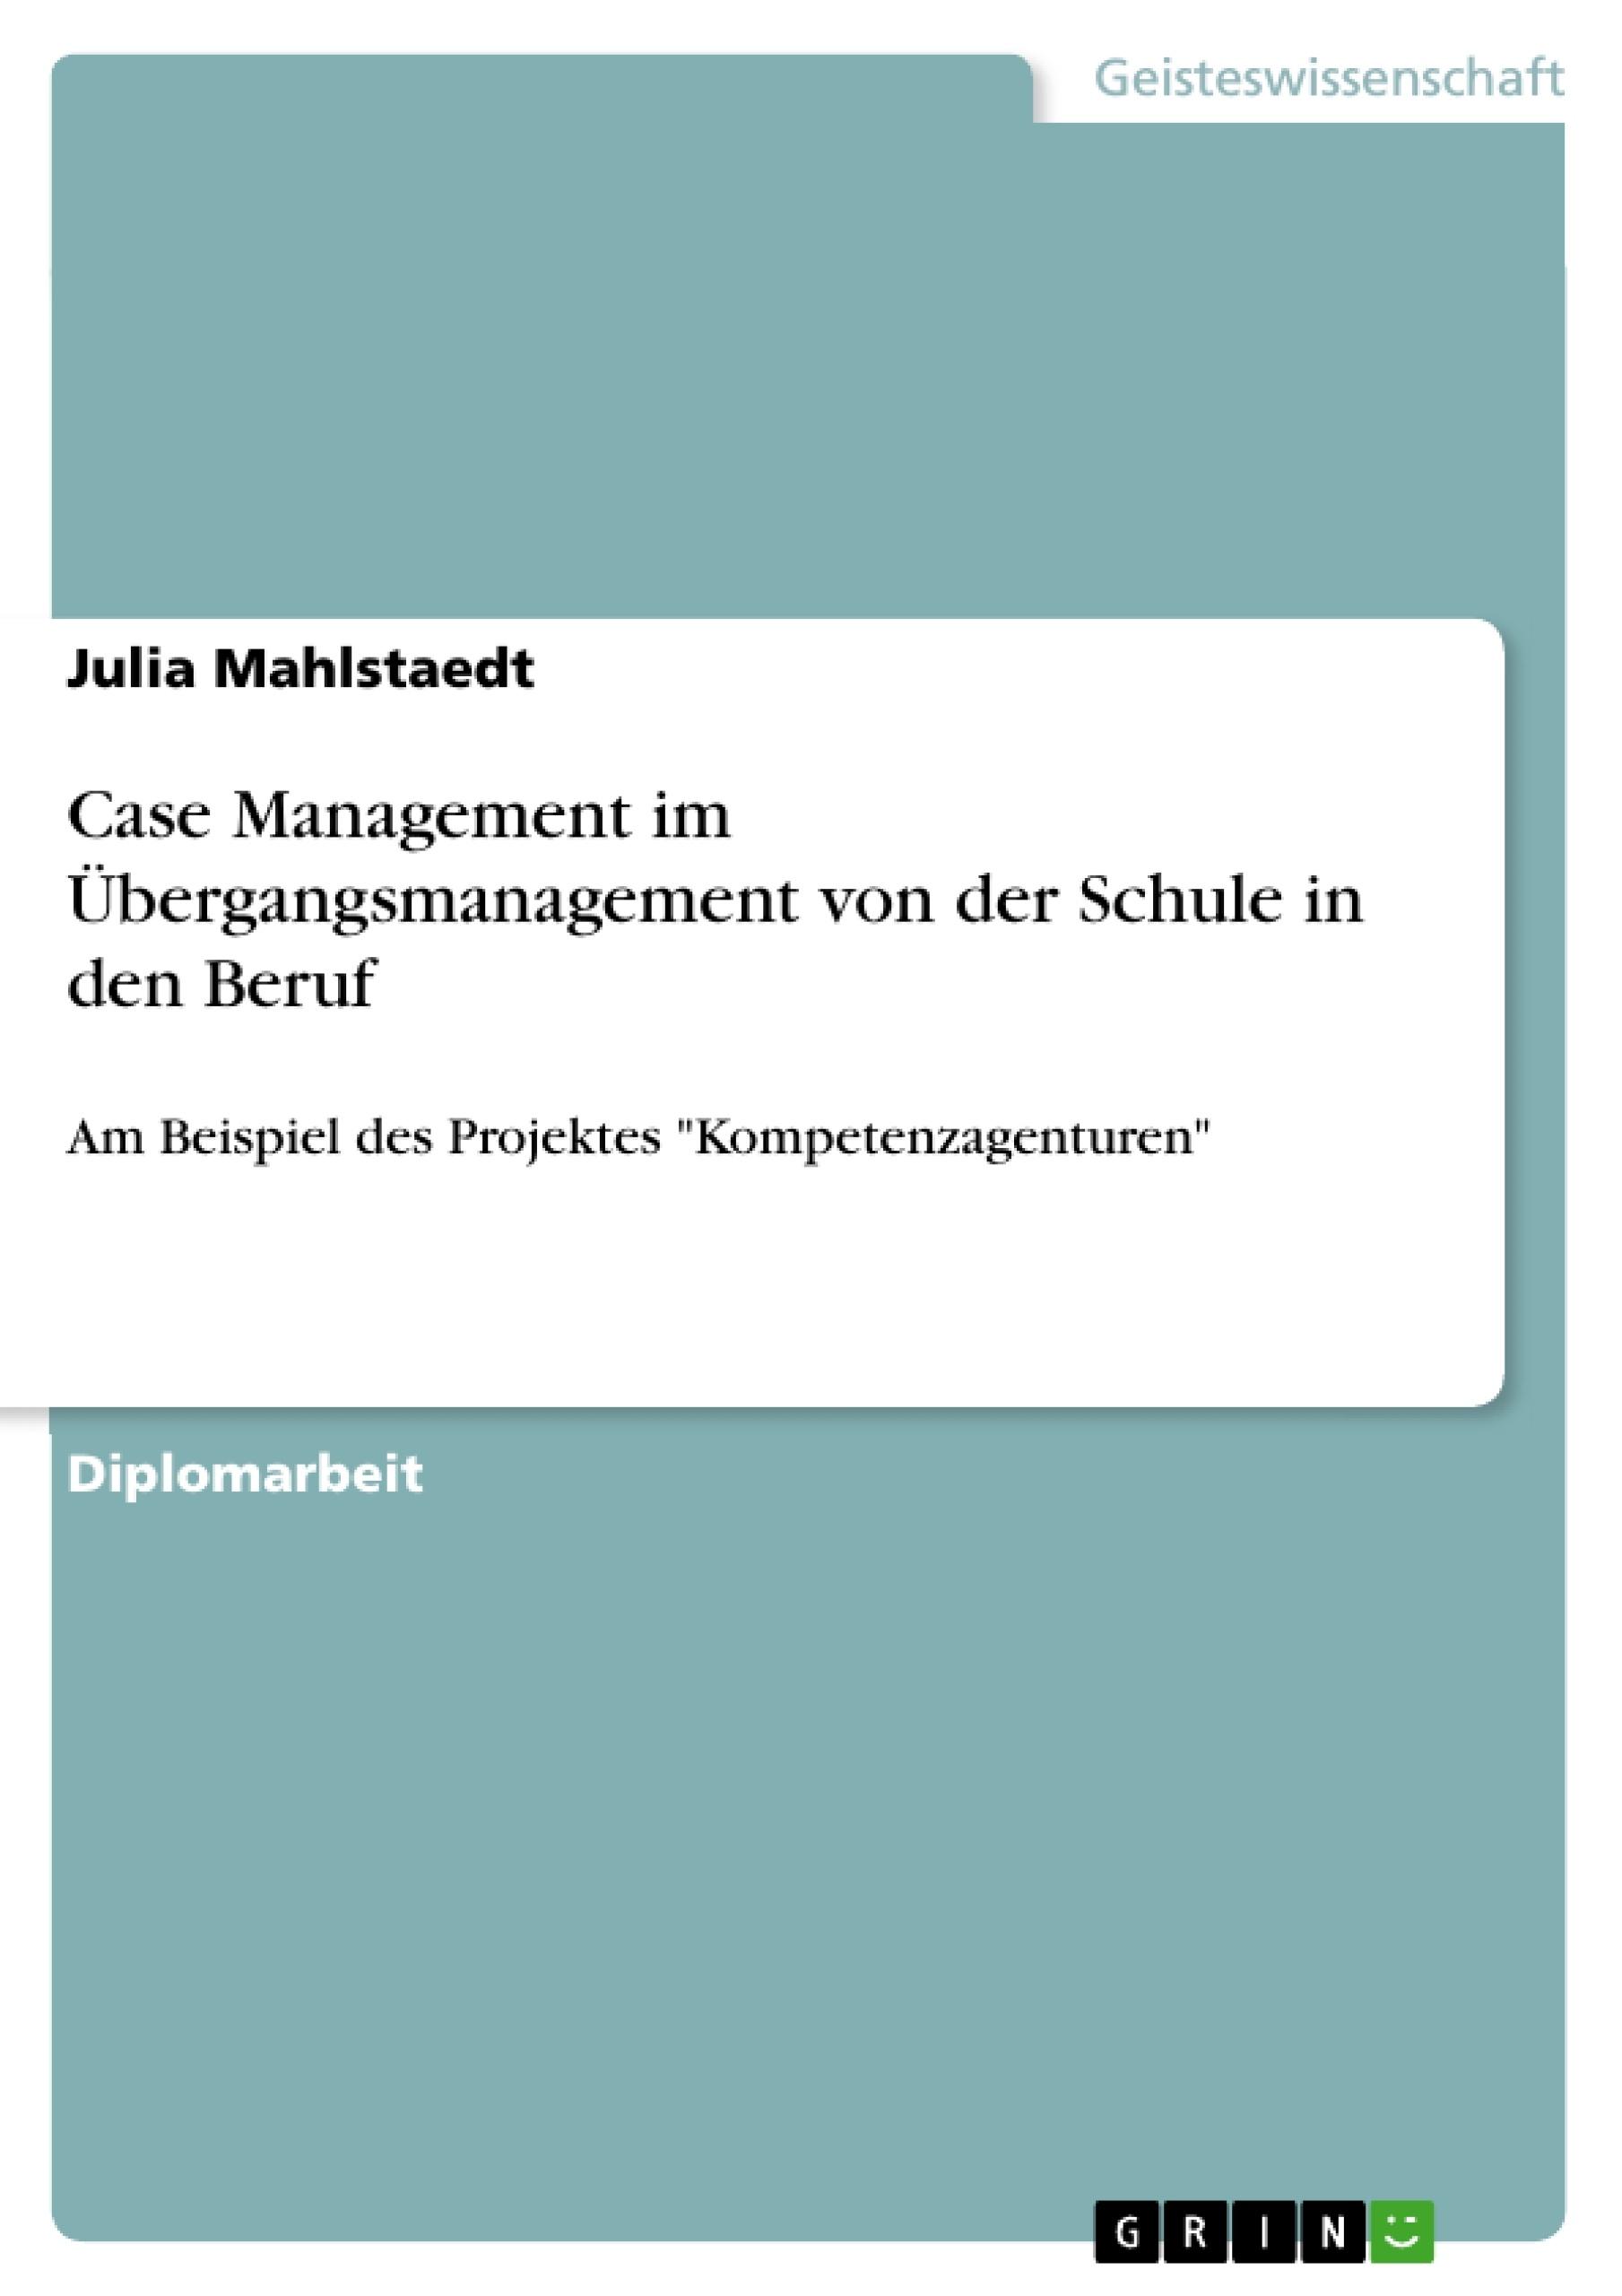 Titel: Case Management im Übergangsmanagement von der Schule in den Beruf